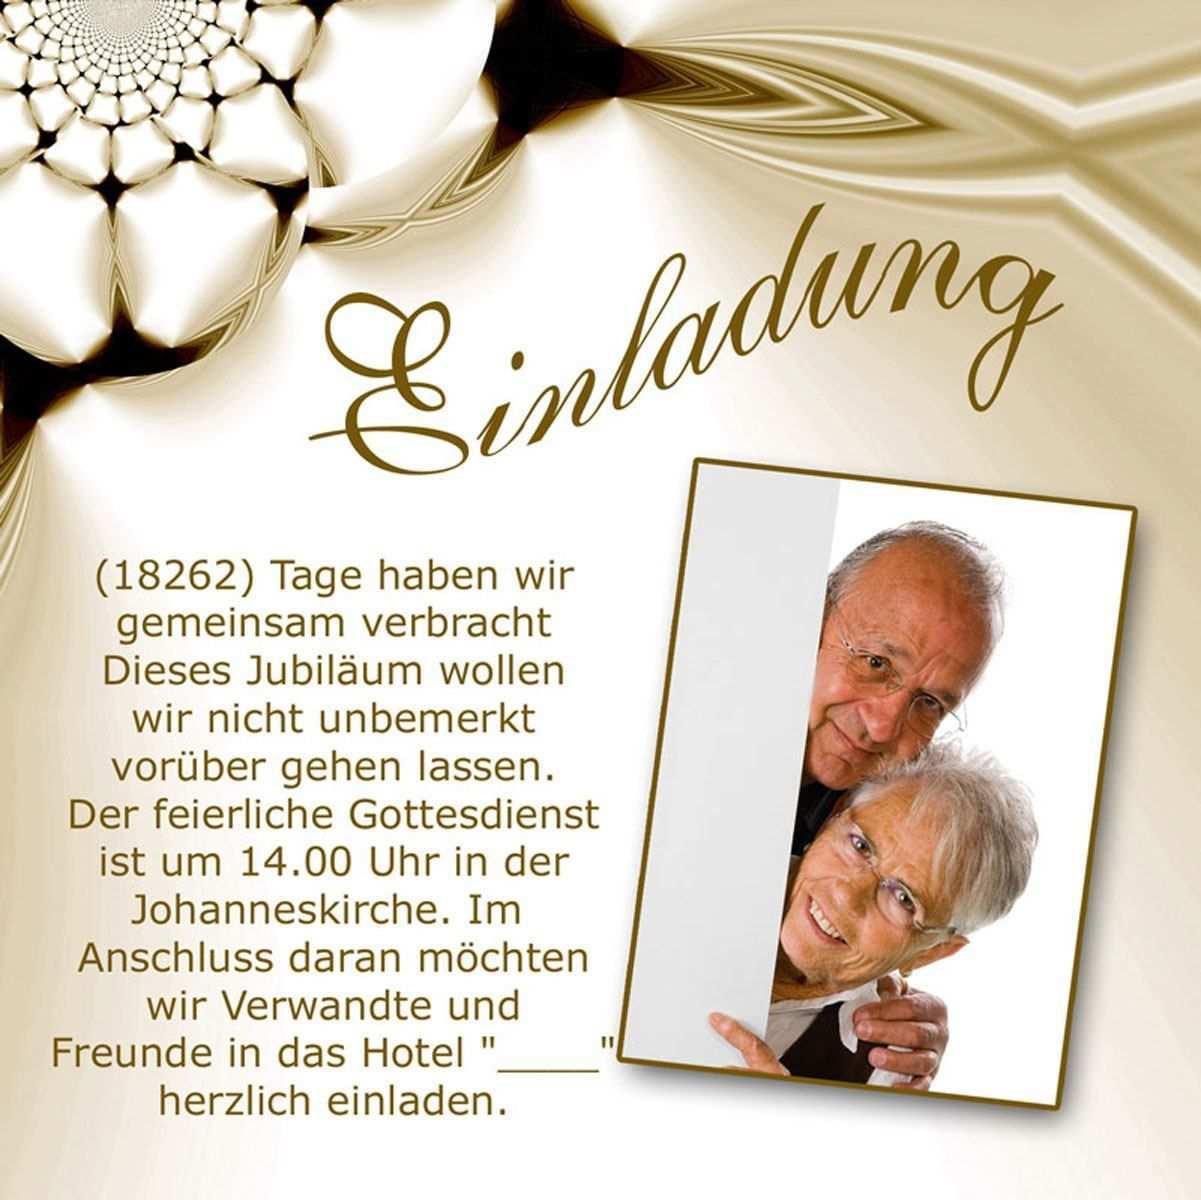 Einladungskarten Kostenlos Zum Ausdrucken Hochzeit Einladung Goldene Hochzeit Einladungskarten Goldene Hochzeit Einladung Silberhochzeit